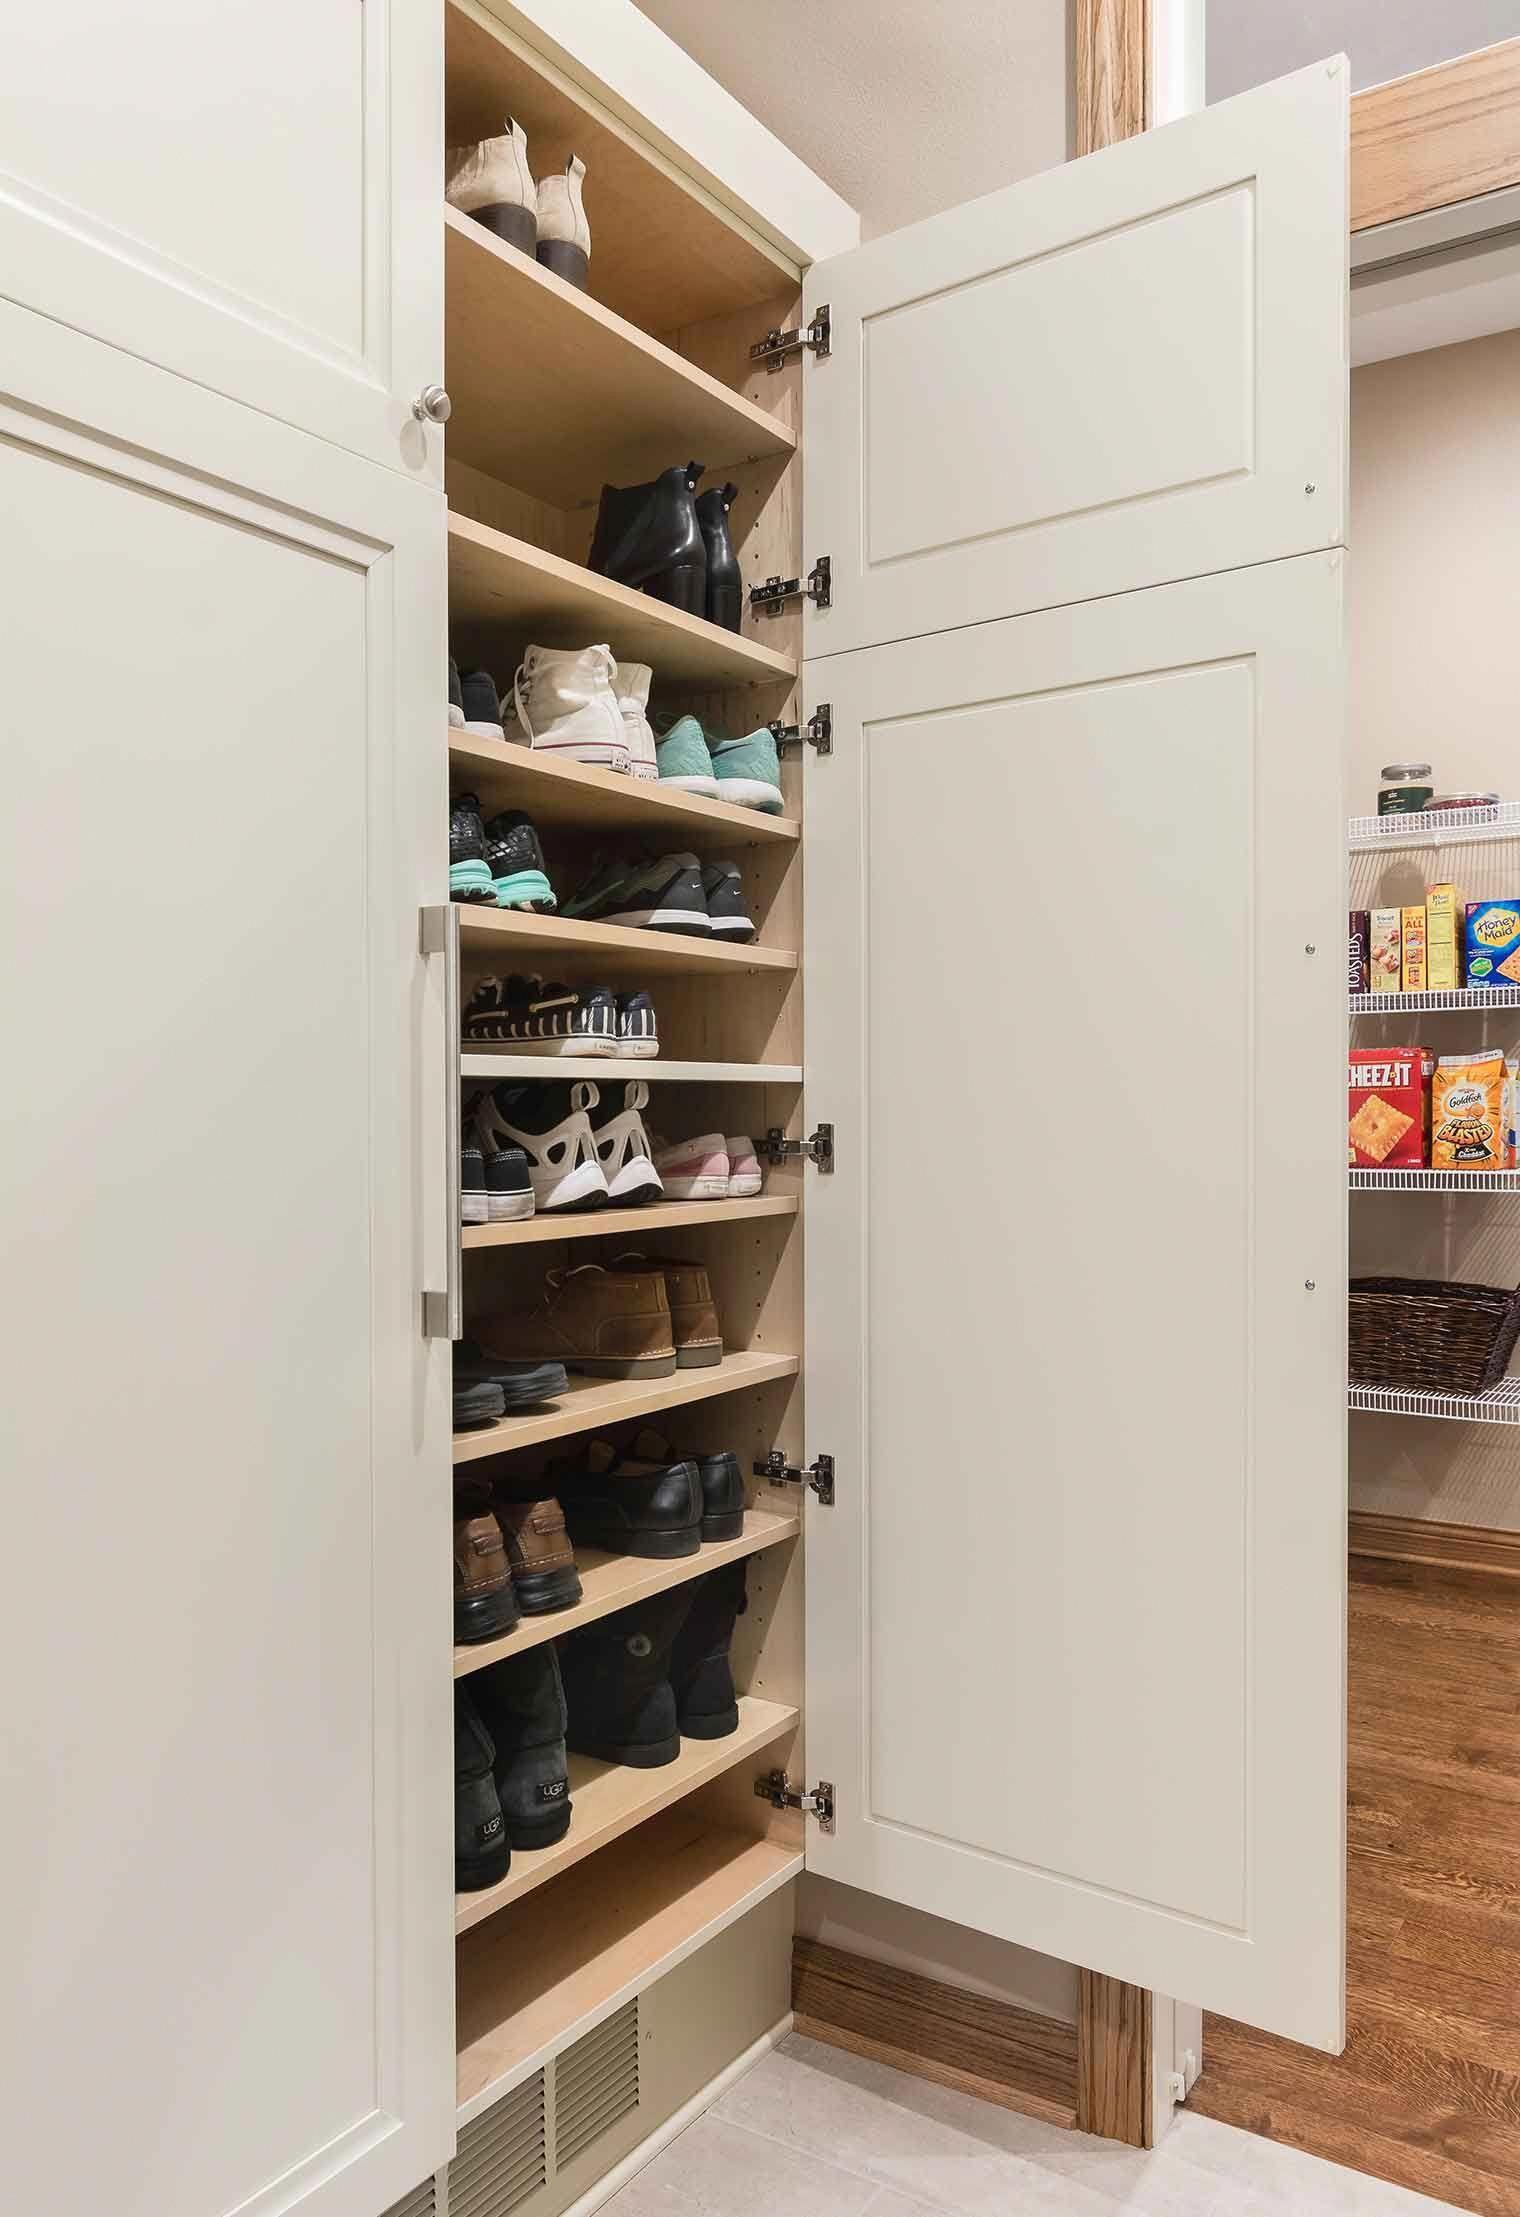 Our 7 Best Home Organization Ideas In 2020 Closet Shoe Storage Shoe Storage Cabinet Entryway Mud Room Storage